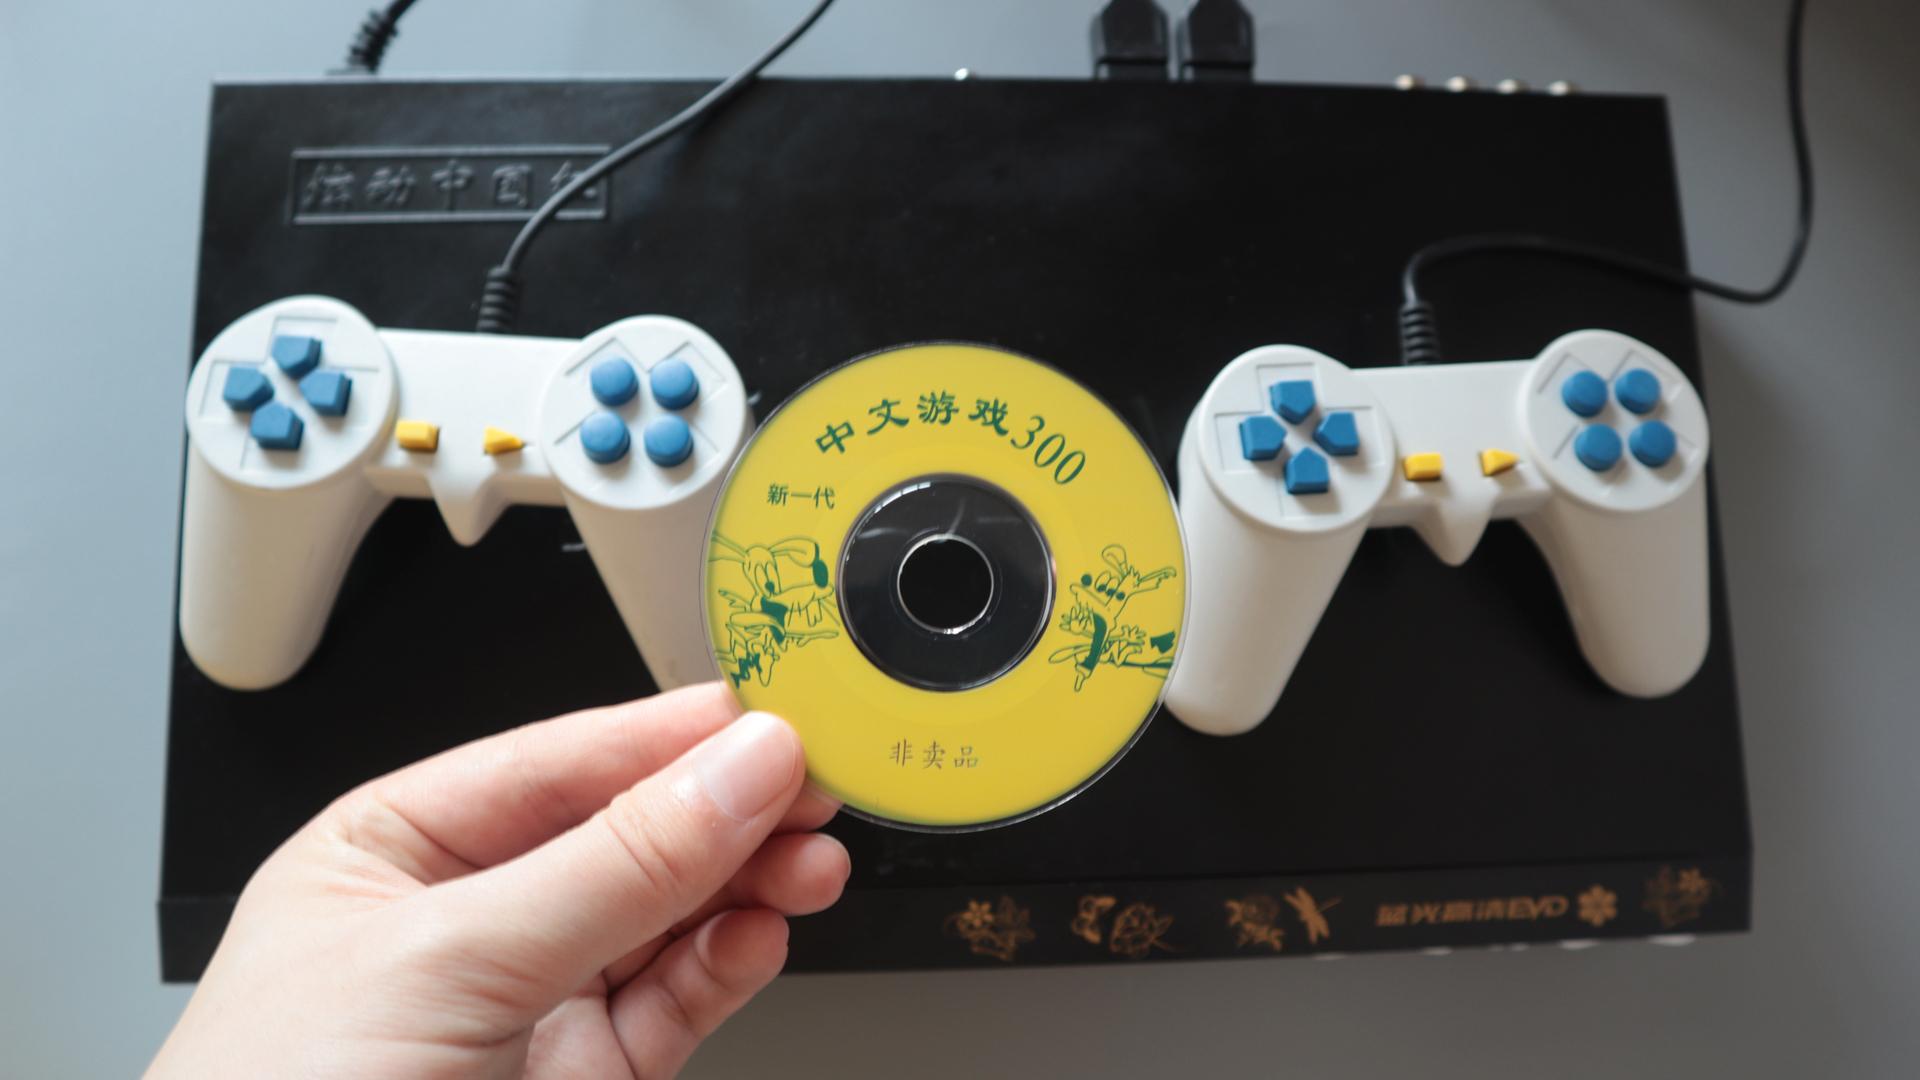 影碟机也能玩游戏!童年不一样的游戏回忆